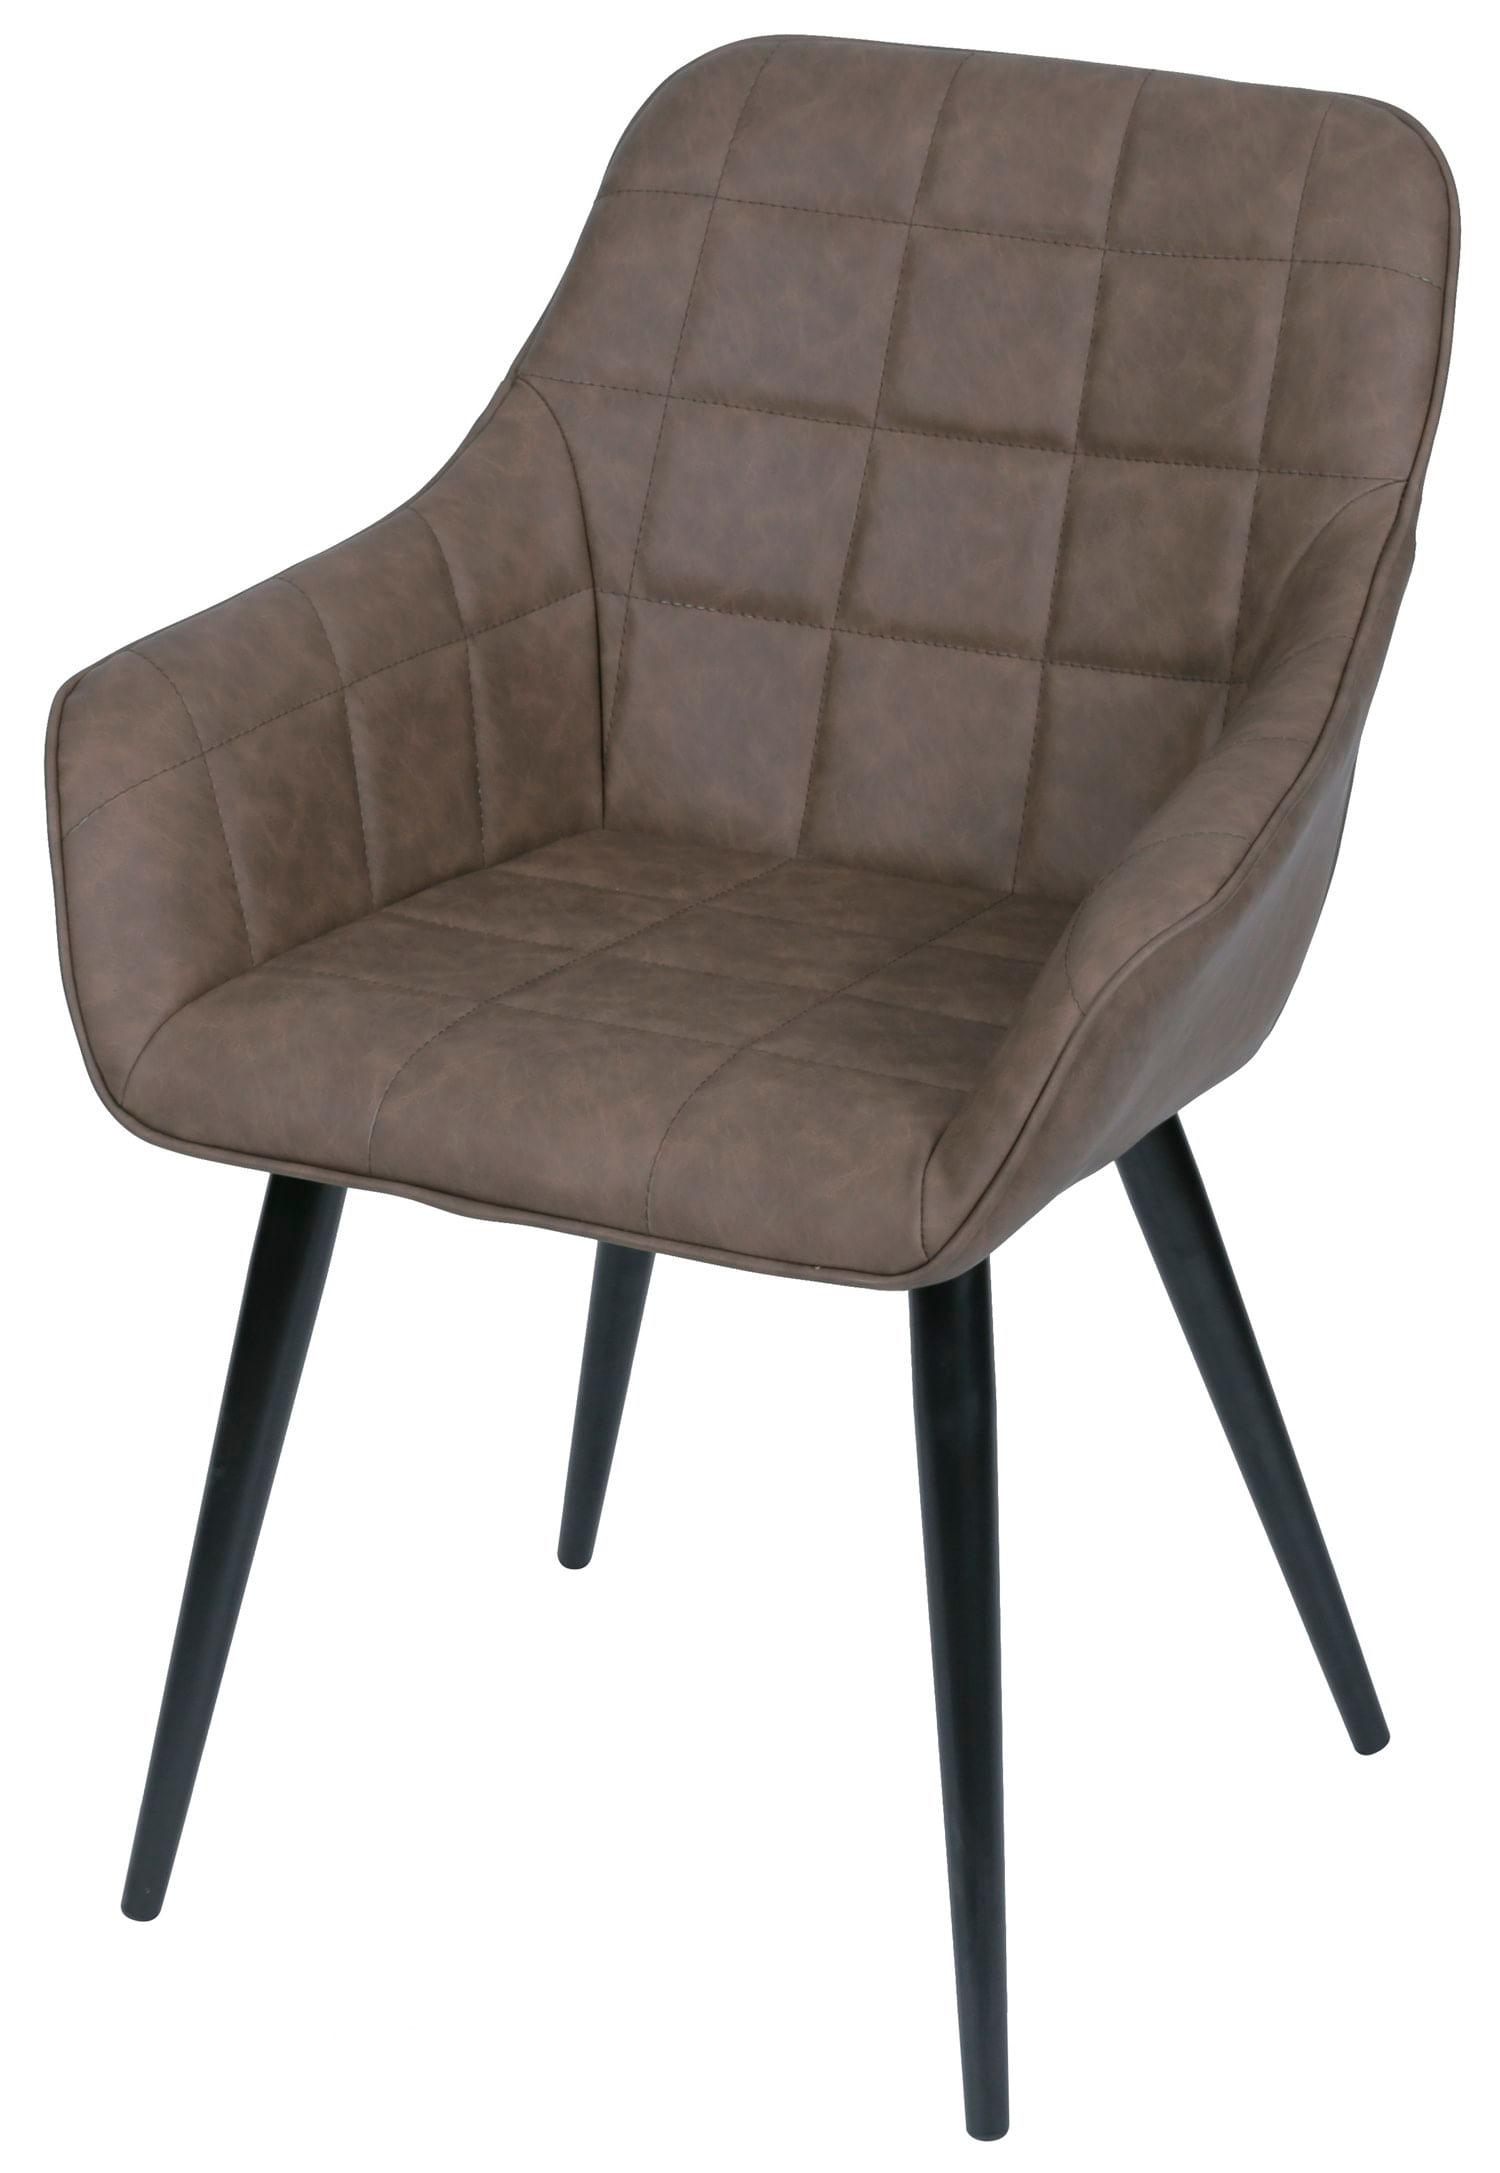 Cadeira Lounge com Braco Courino Cafe e Costura Quadriculada - 50022